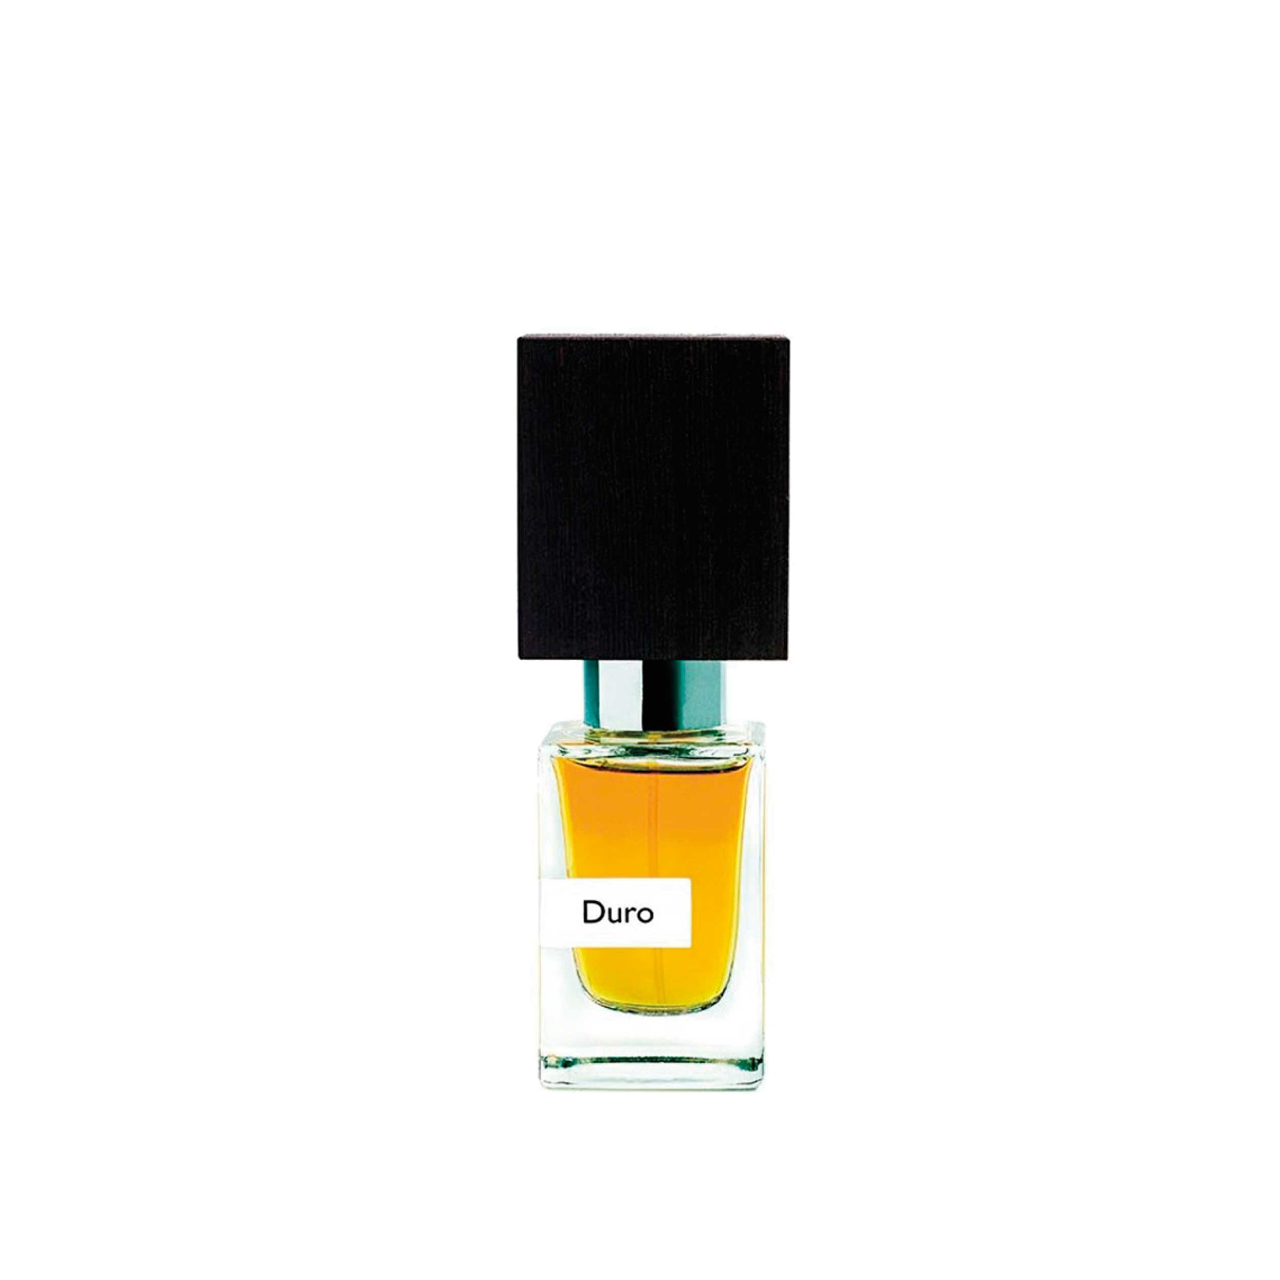 Duro - Extrait de Parfum